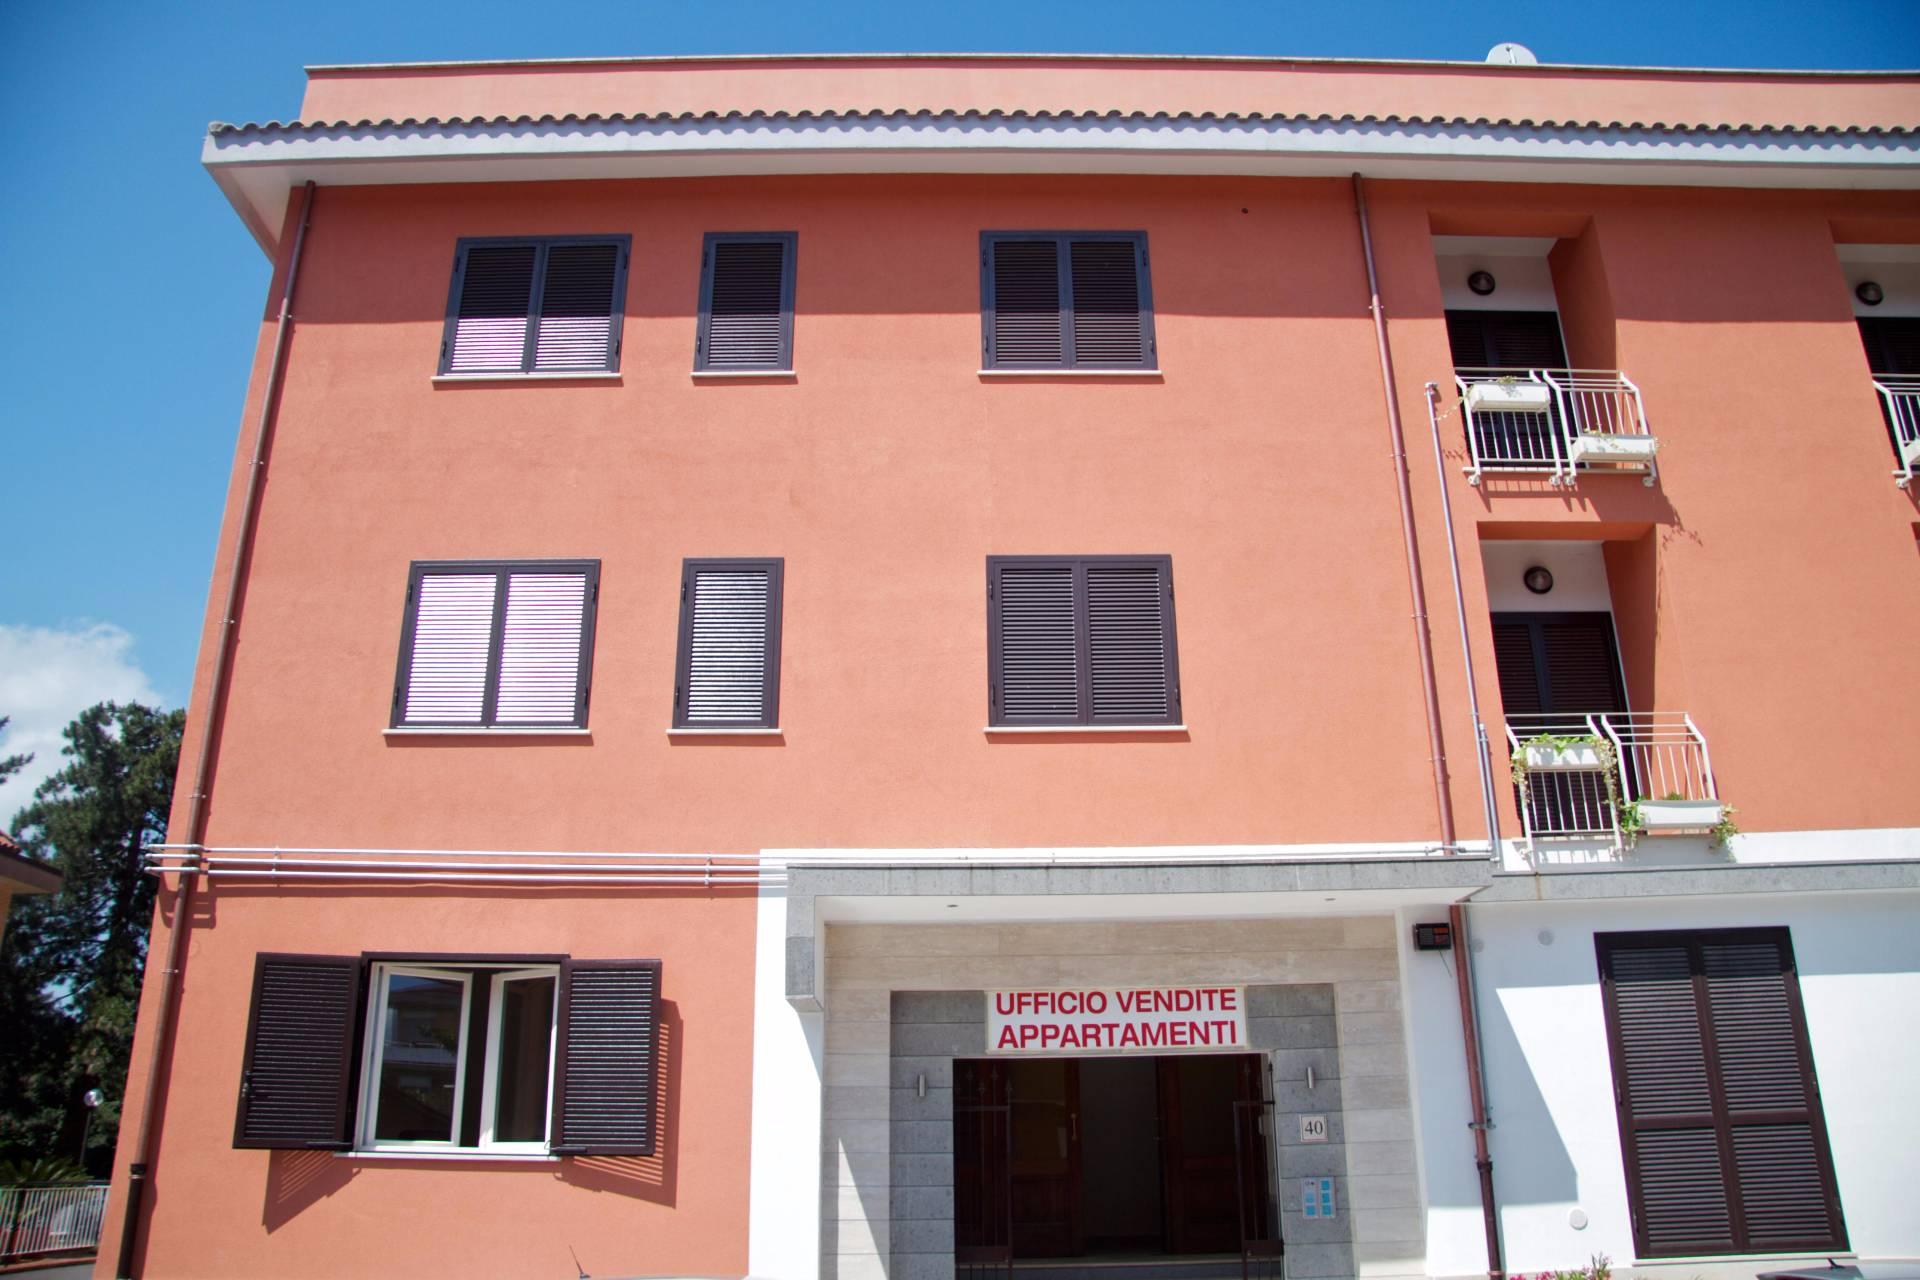 Attico / Mansarda in vendita a Colleferro, 3 locali, prezzo € 110.000 | Cambio Casa.it